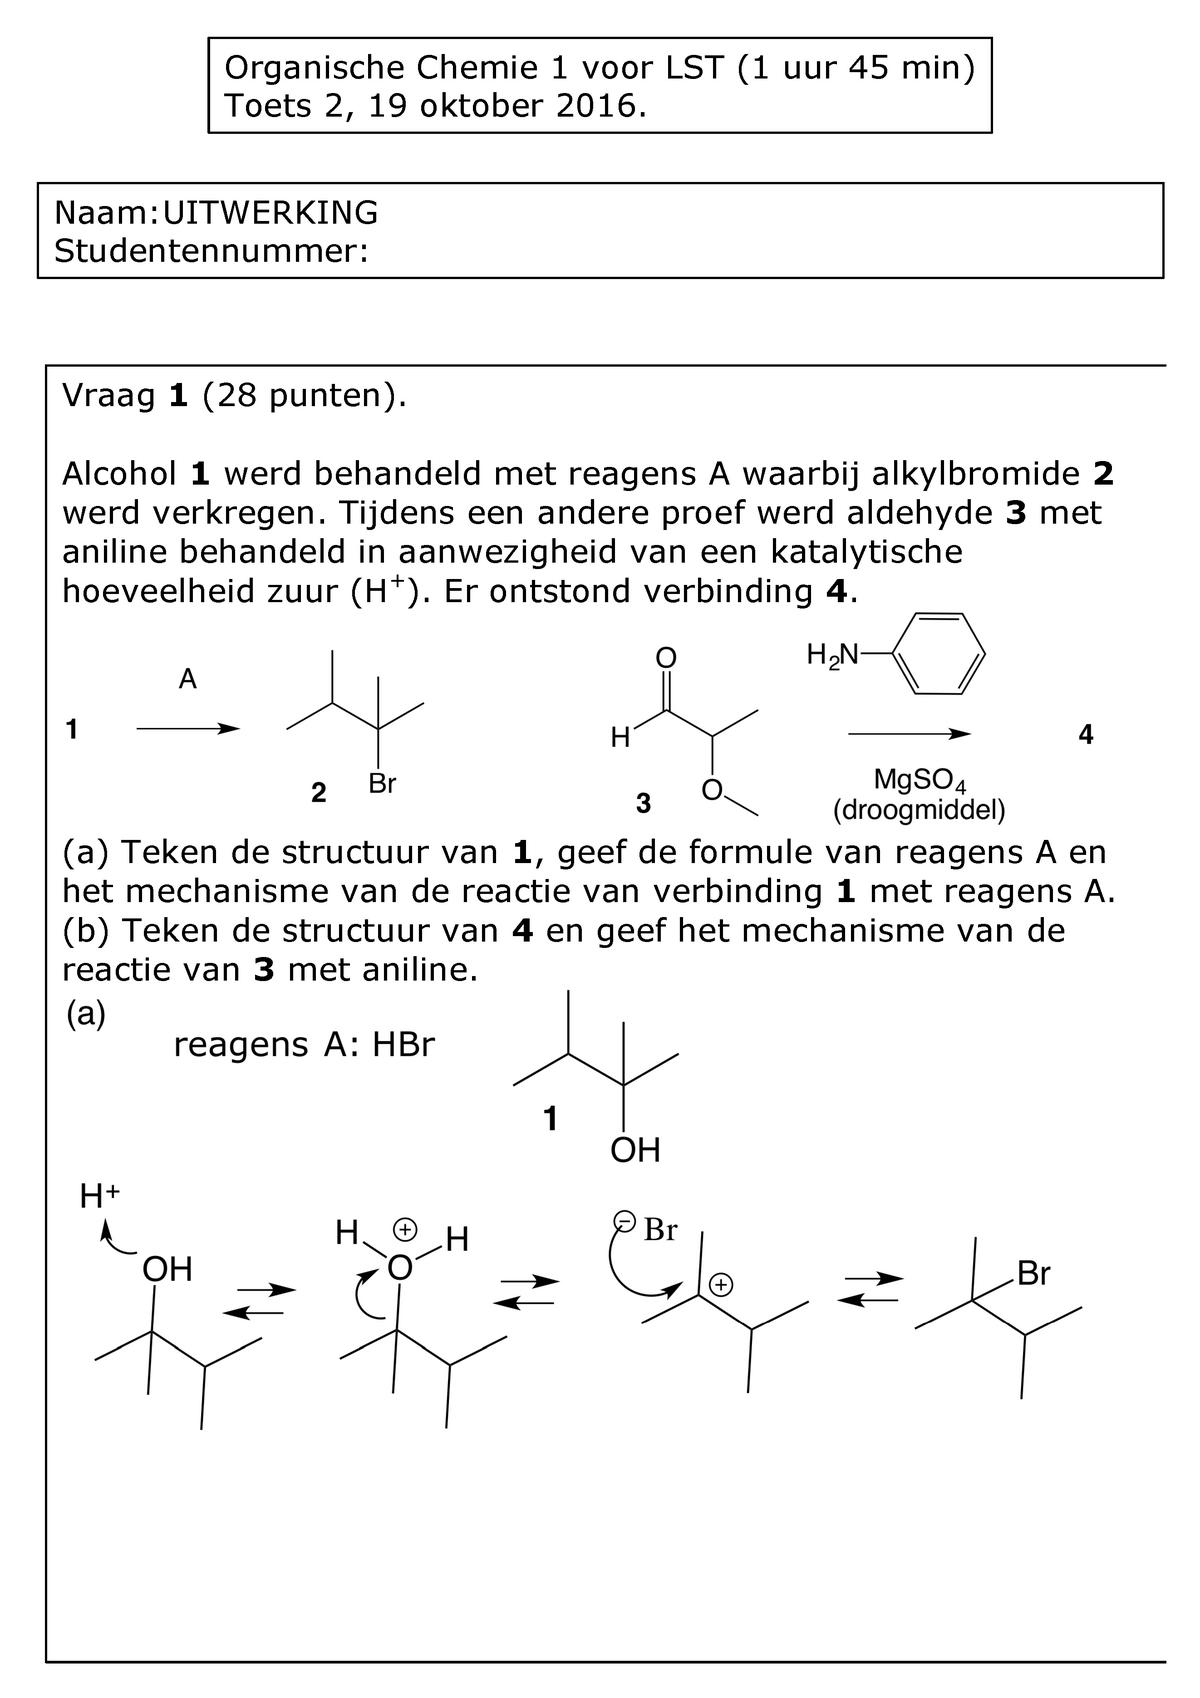 Toets 2 2016 Uitwerking 1780084 Organische Chemie